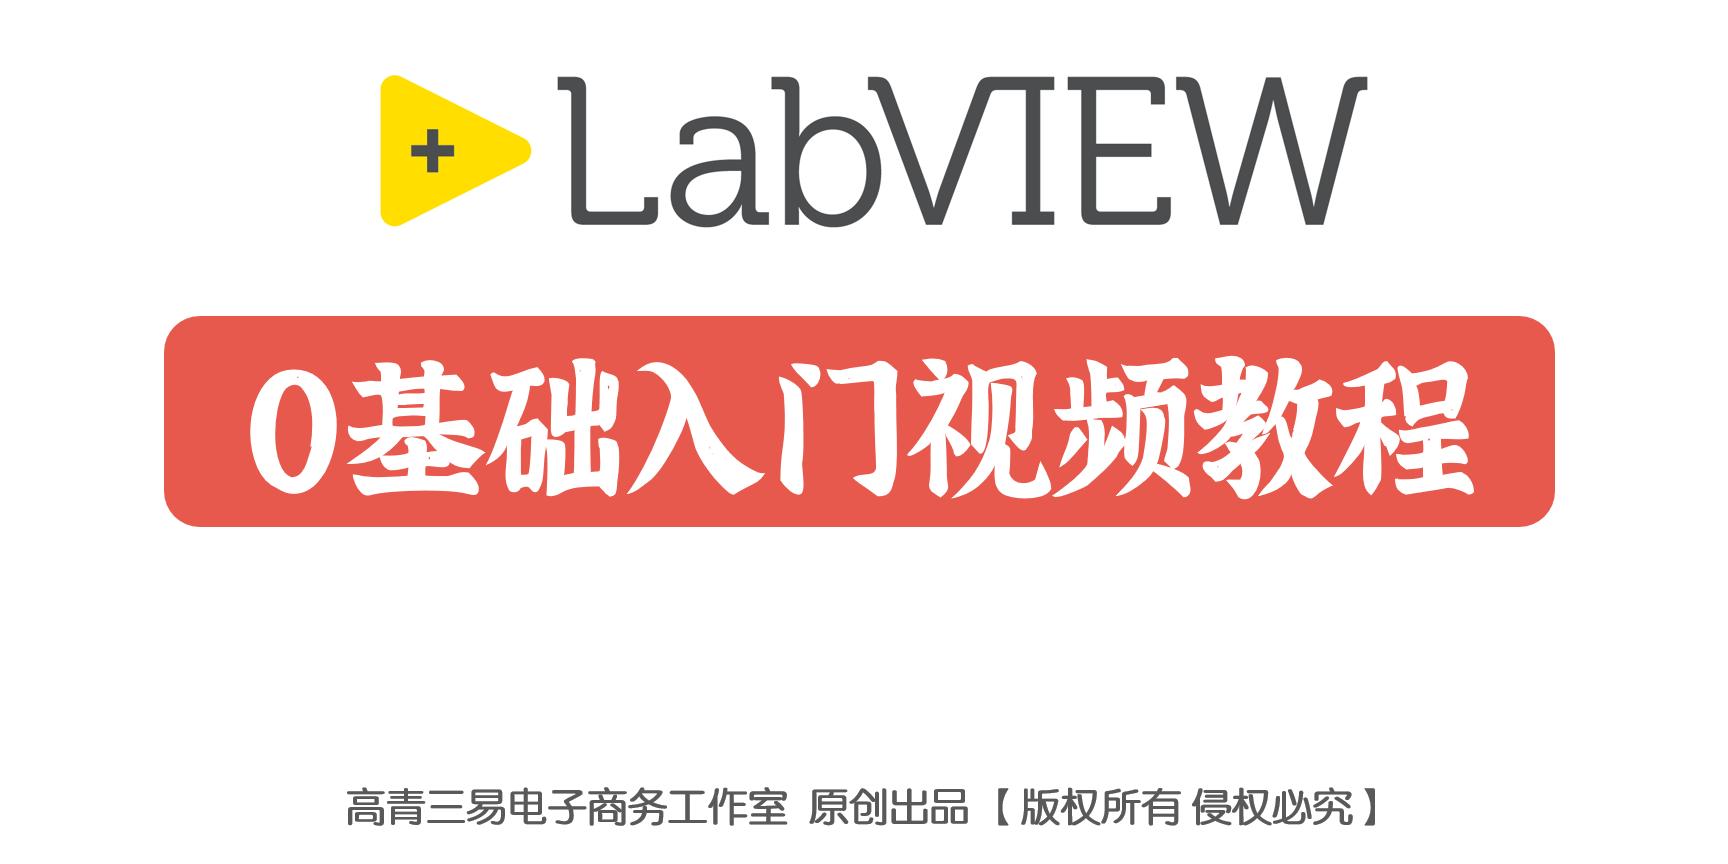 LabVIEW 0基礎入門視頻教程 【LabVIEW2020最新版】